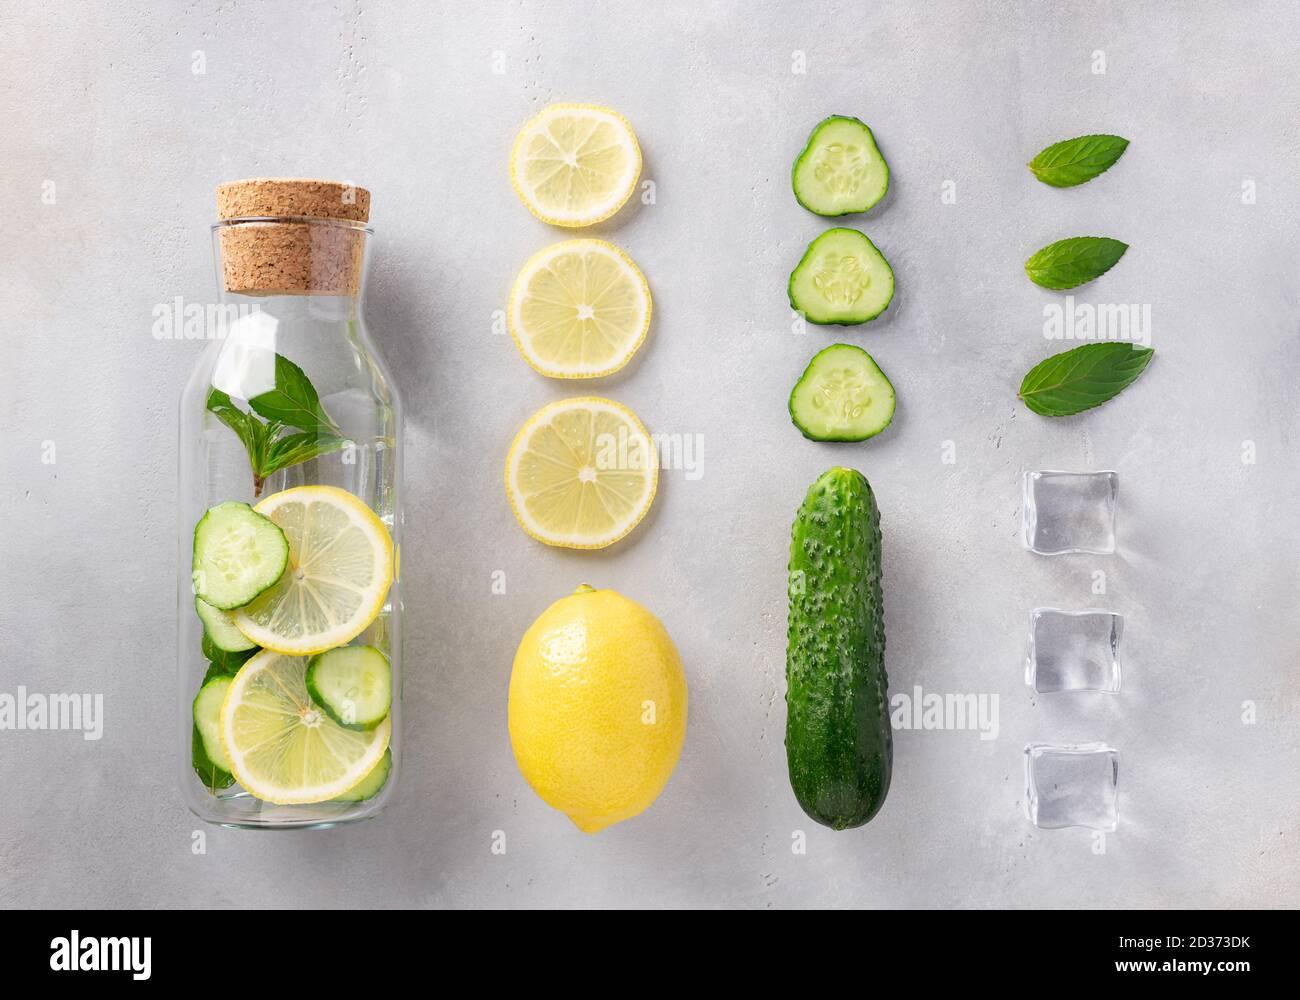 bouteille en verre avec eau infusée avec citron, concombre, menthe et glace. Boisson d'été saine. Banque D'Images